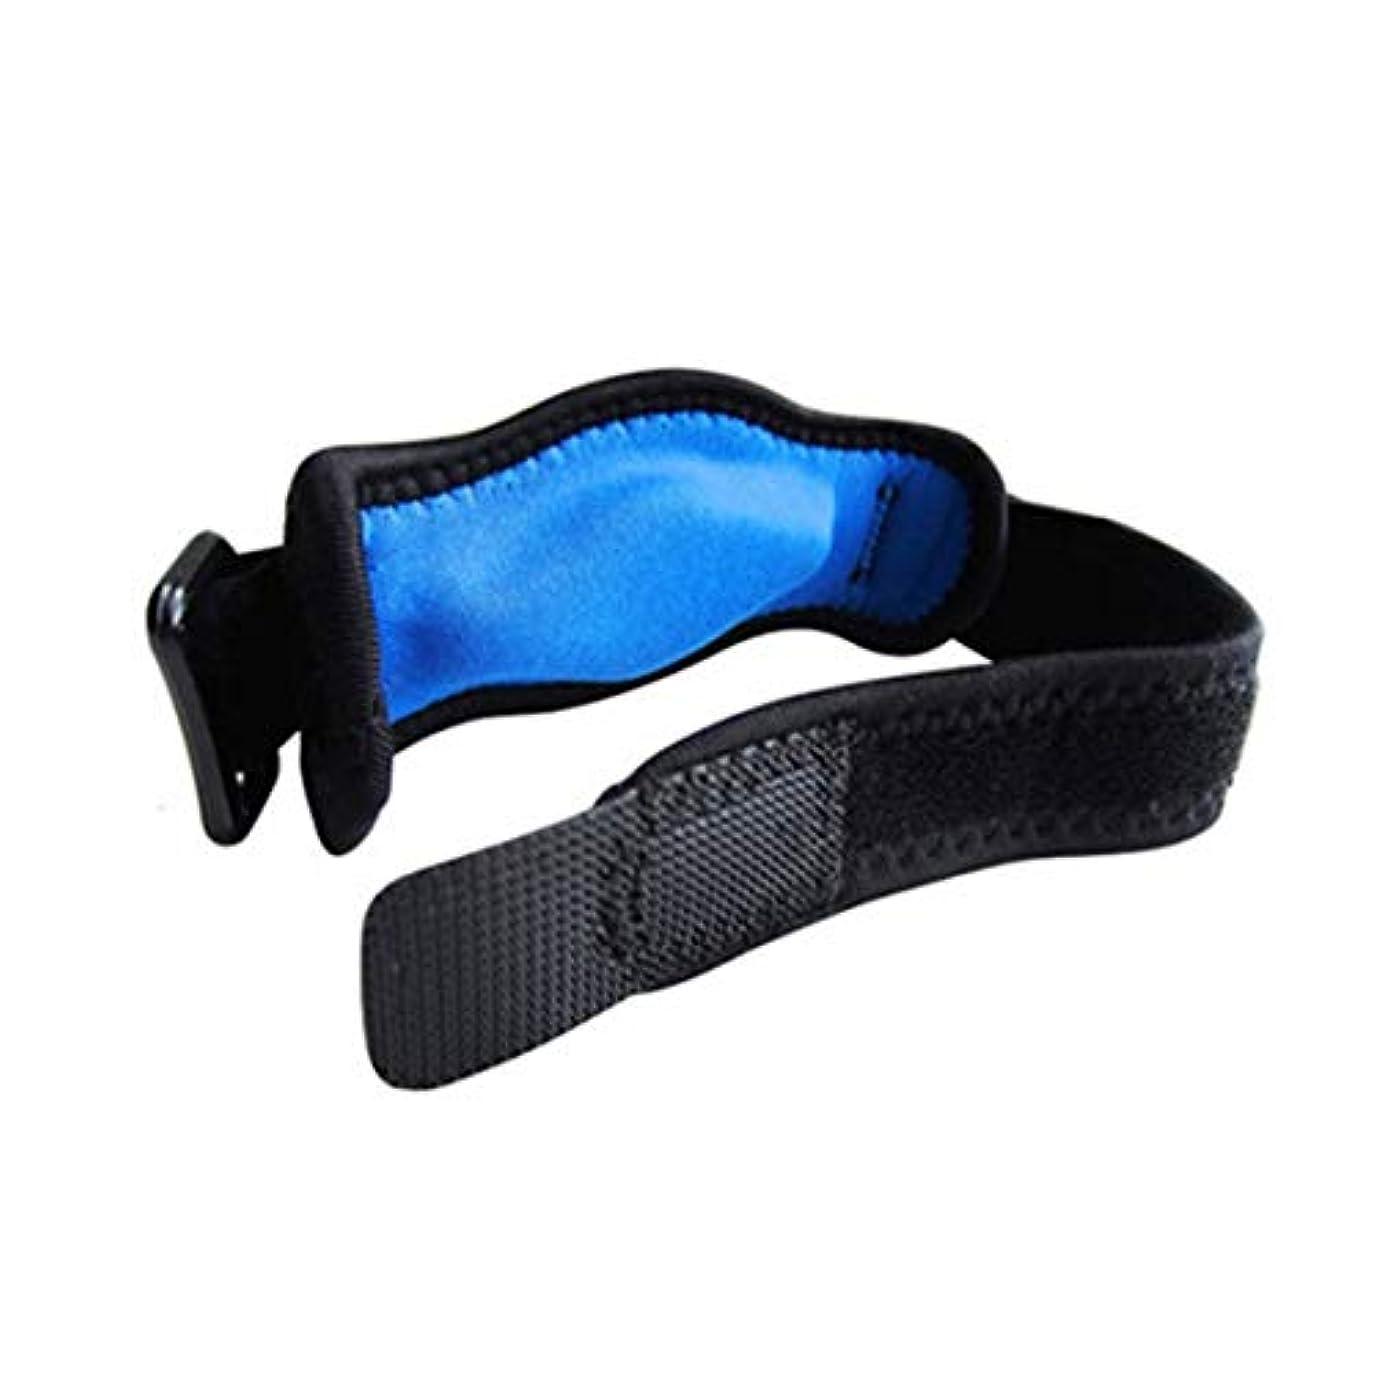 同志お手入れモネ調節可能なテニス肘サポートストラップブレースゴルフ前腕痛み緩和 - 黒